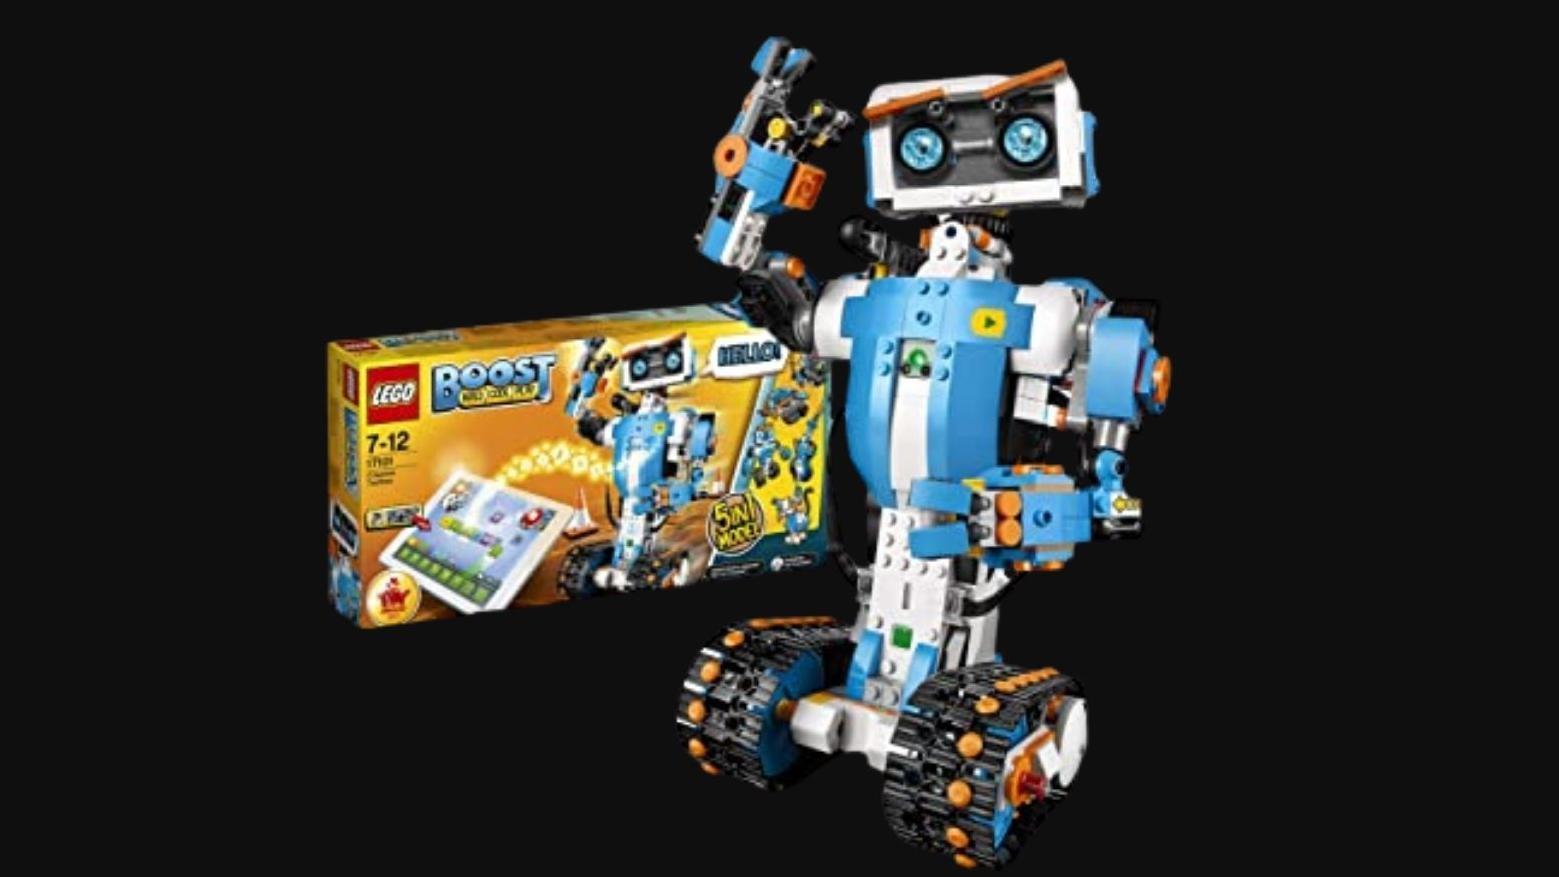 Lego Boost: Programmierbarer Roboter für Kinder im Angebot